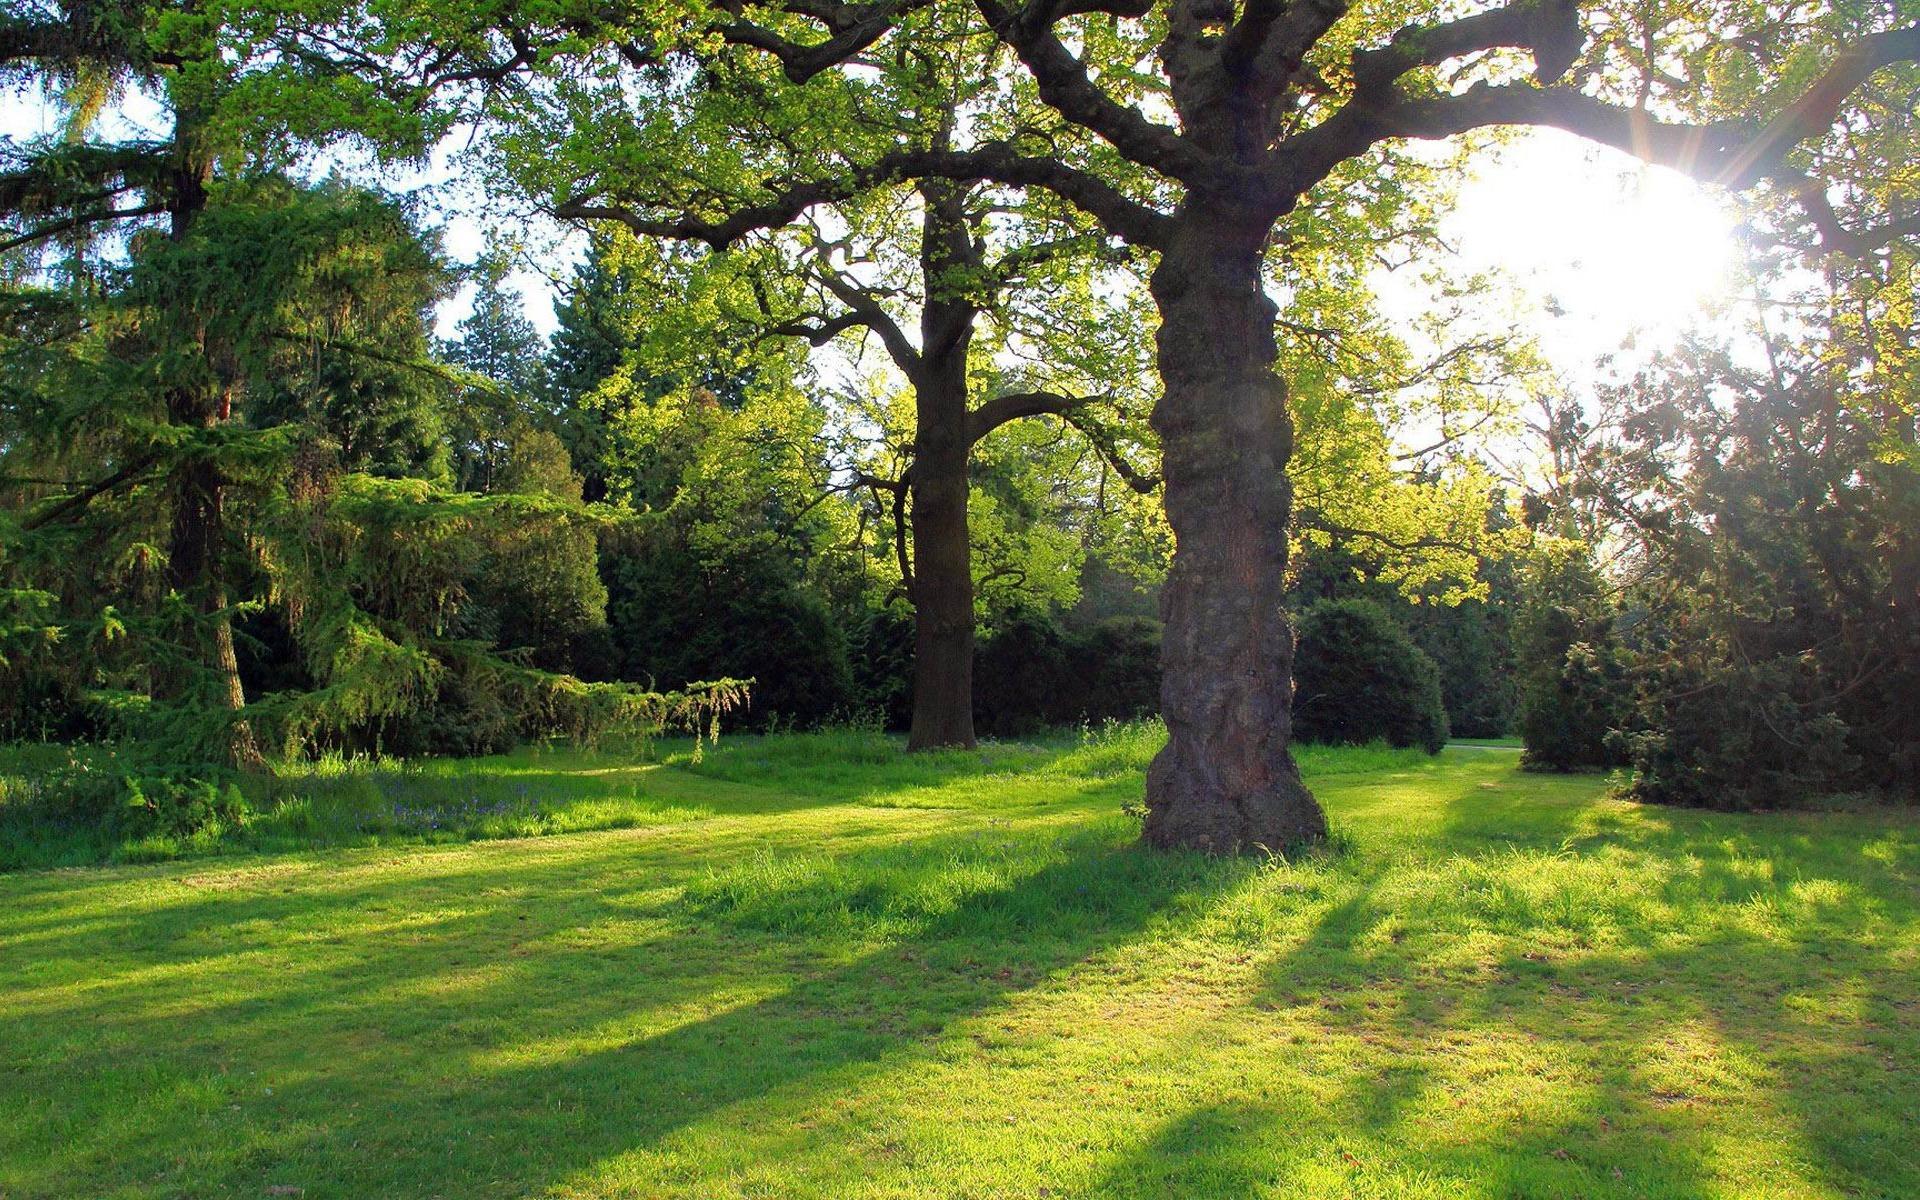 Ch 234 Ne Dans Le Parc Paysage Naturel 233 Cran Fond D 233 Cran 1920x1200 T 233 L 233 Chargement 10wallpaper Com